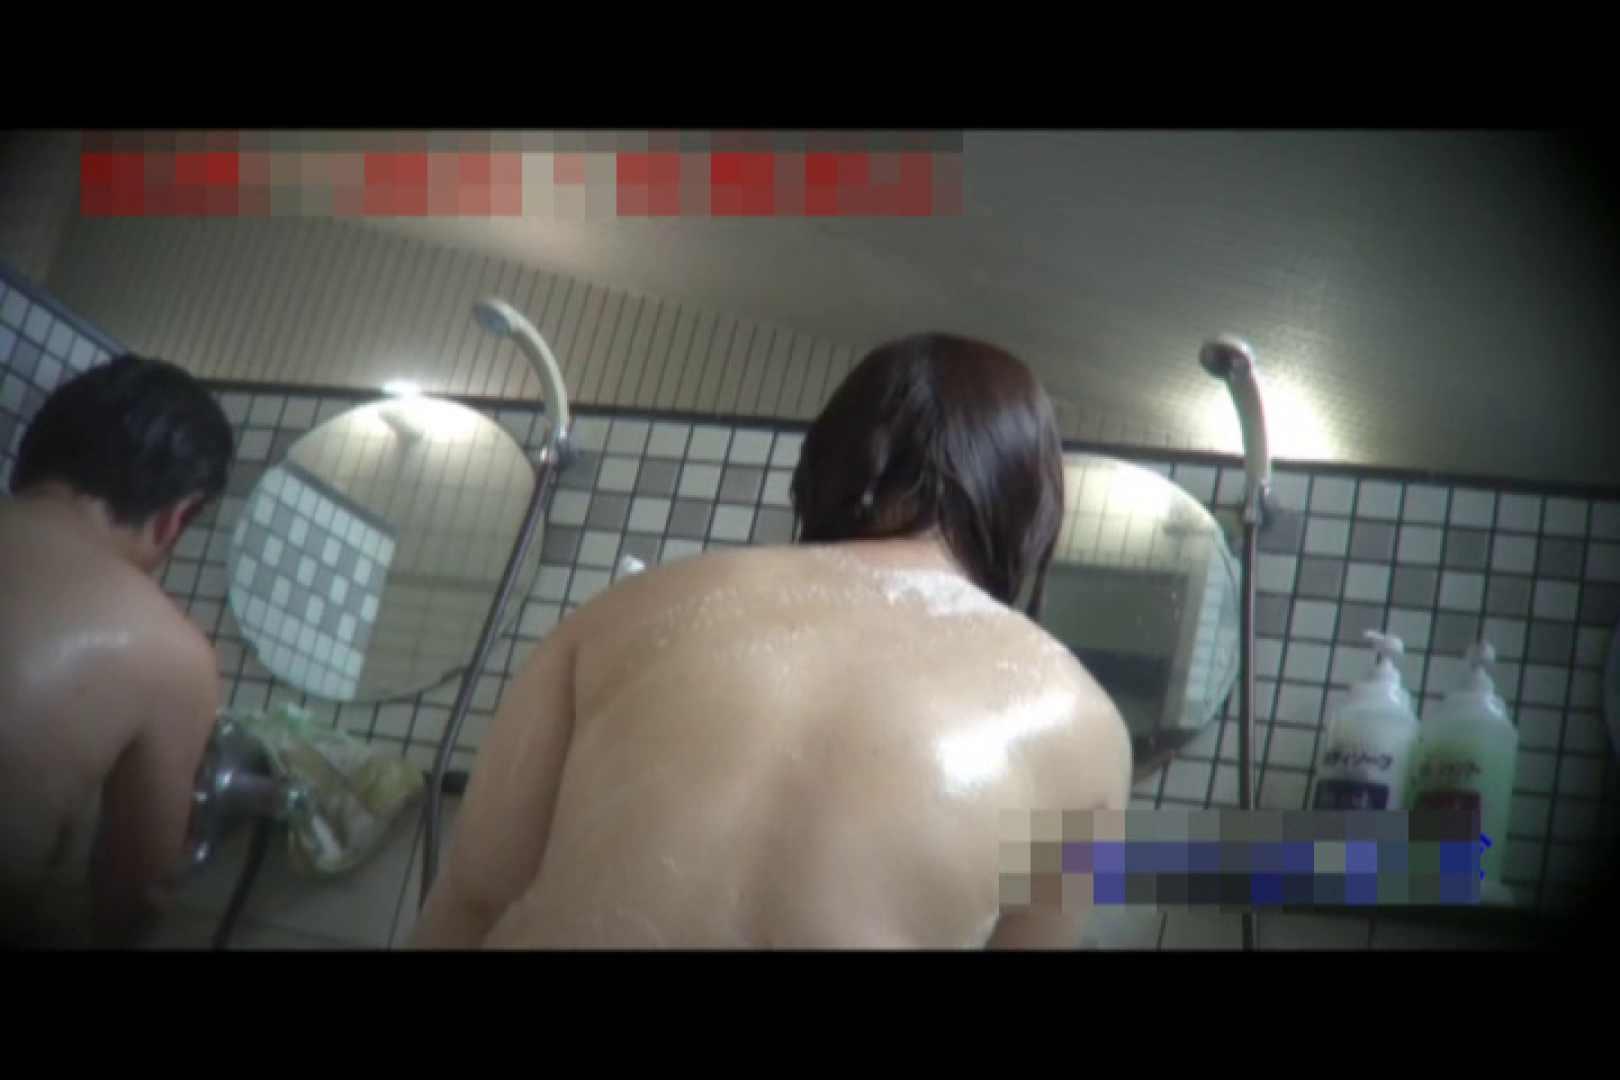 未熟な珊瑚礁 vol.29 エッチな盗撮 われめAV動画紹介 103pic 66